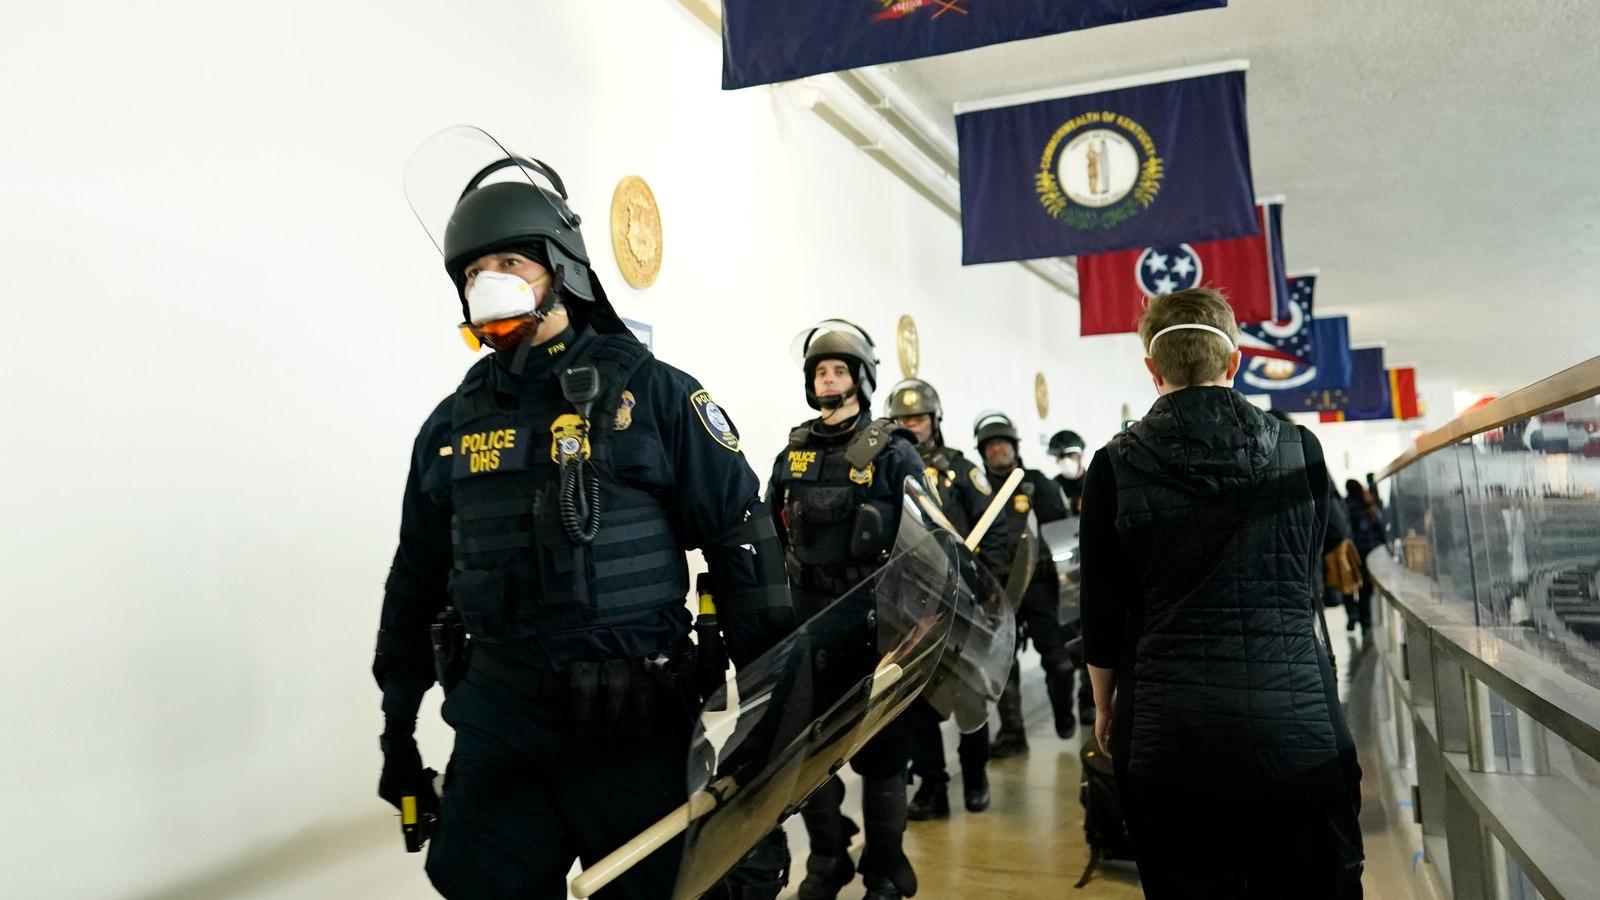 www.police1.com